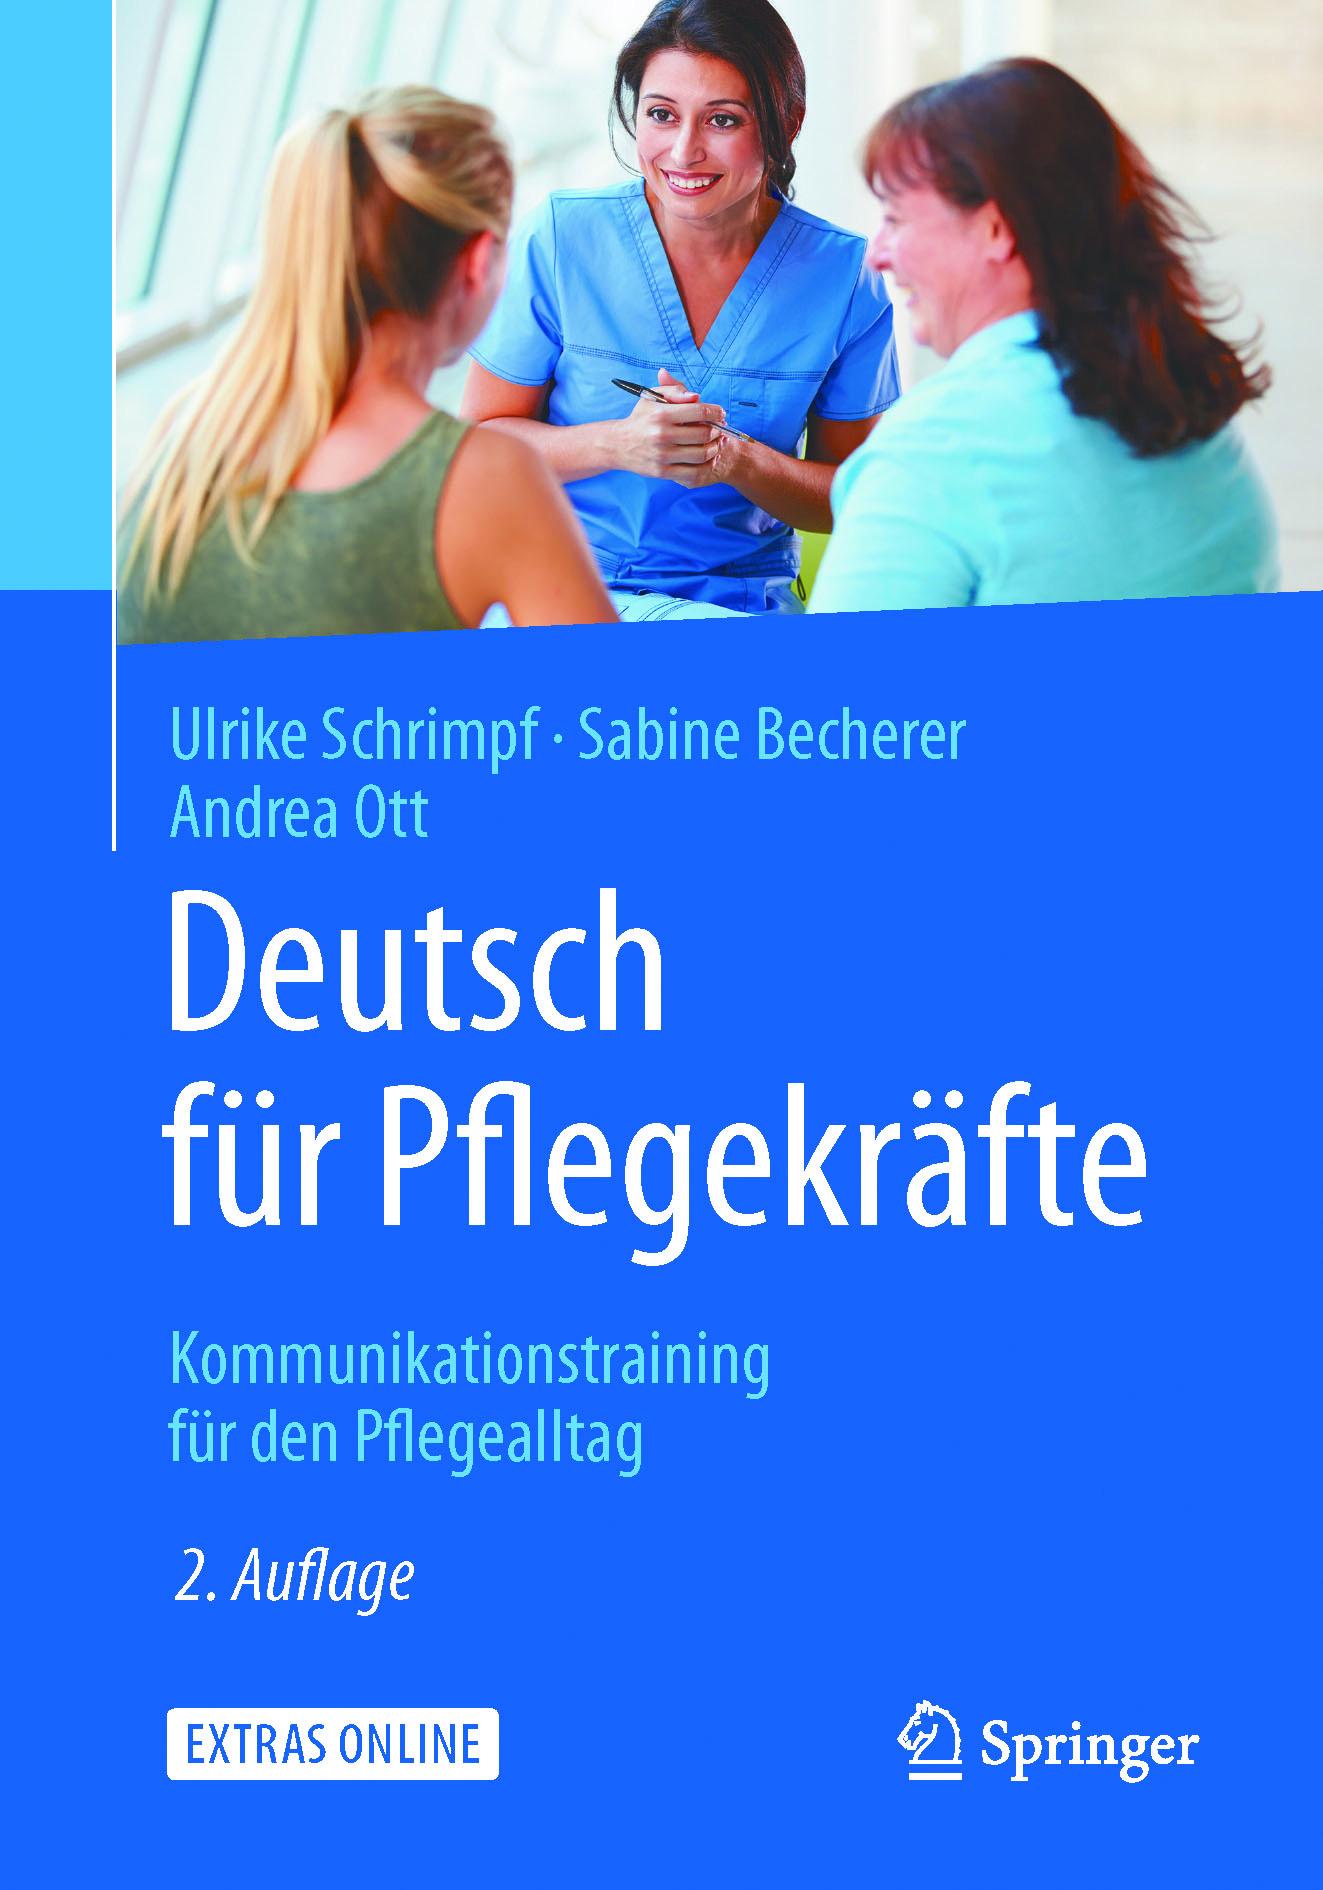 Becherer, Sabine - Deutsch für Pflegekräfte, ebook